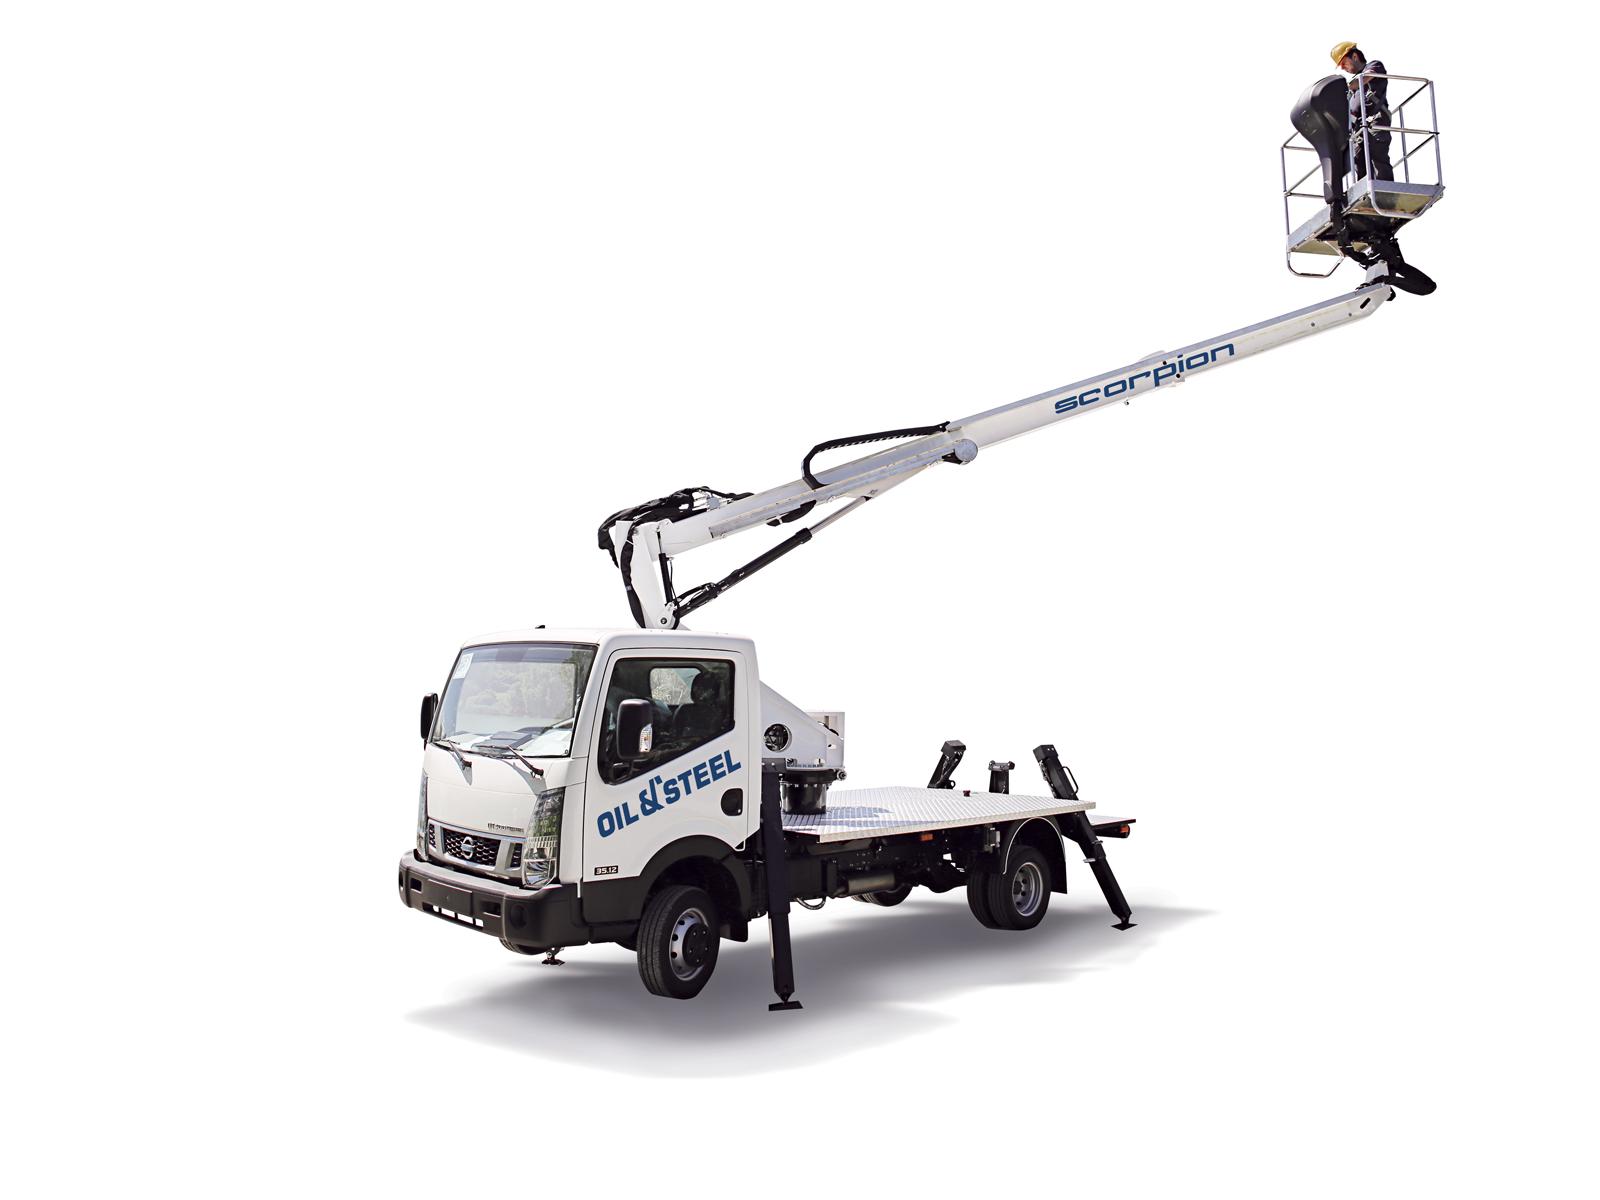 Nacelle sur camion oil & steel